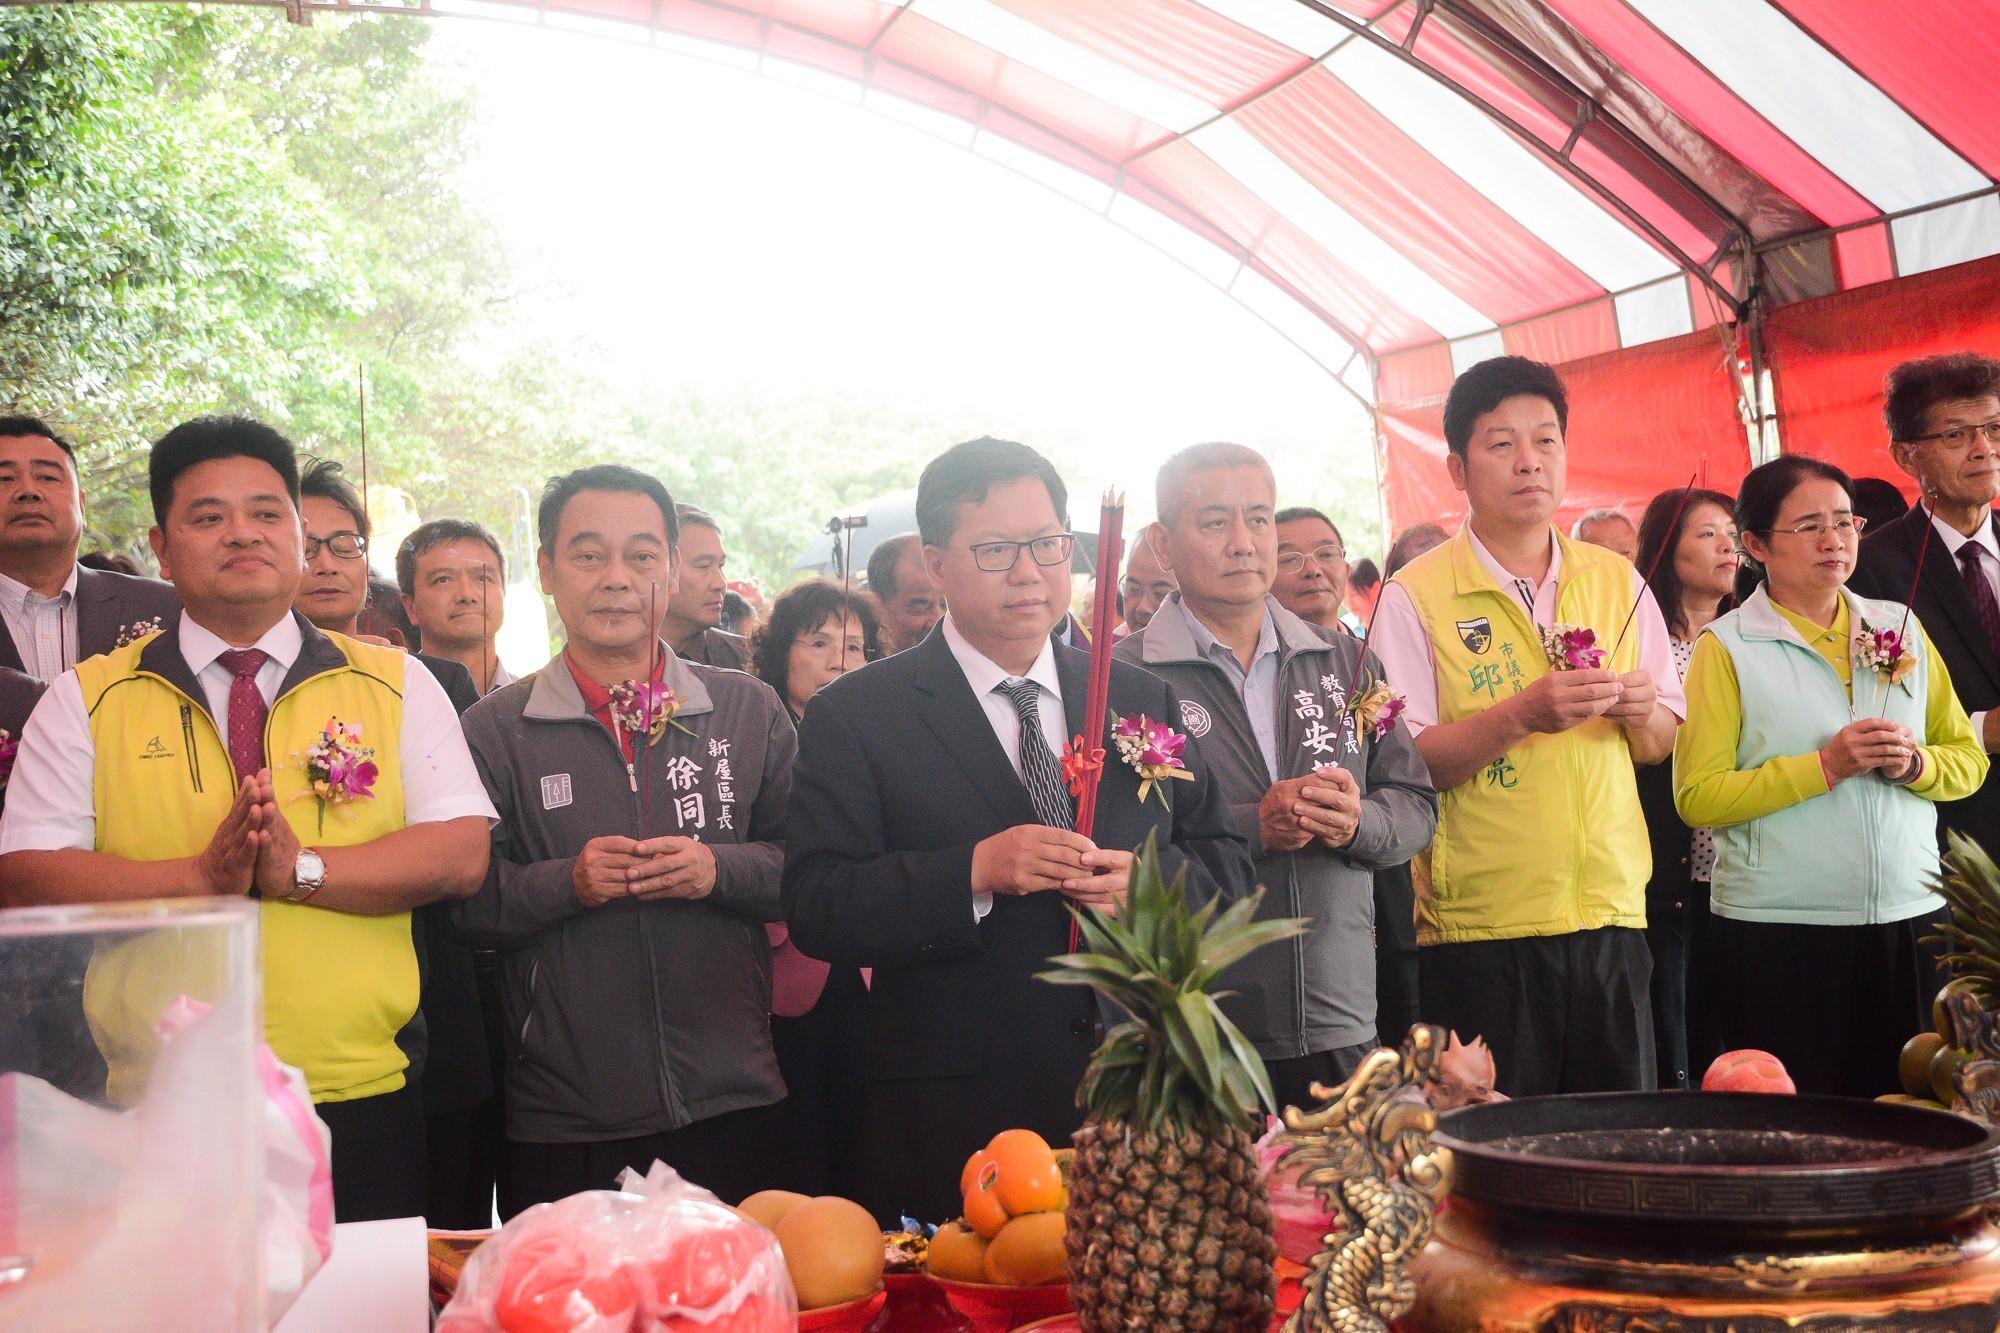 市長和與會來賓拿香,共同祈求工程順利